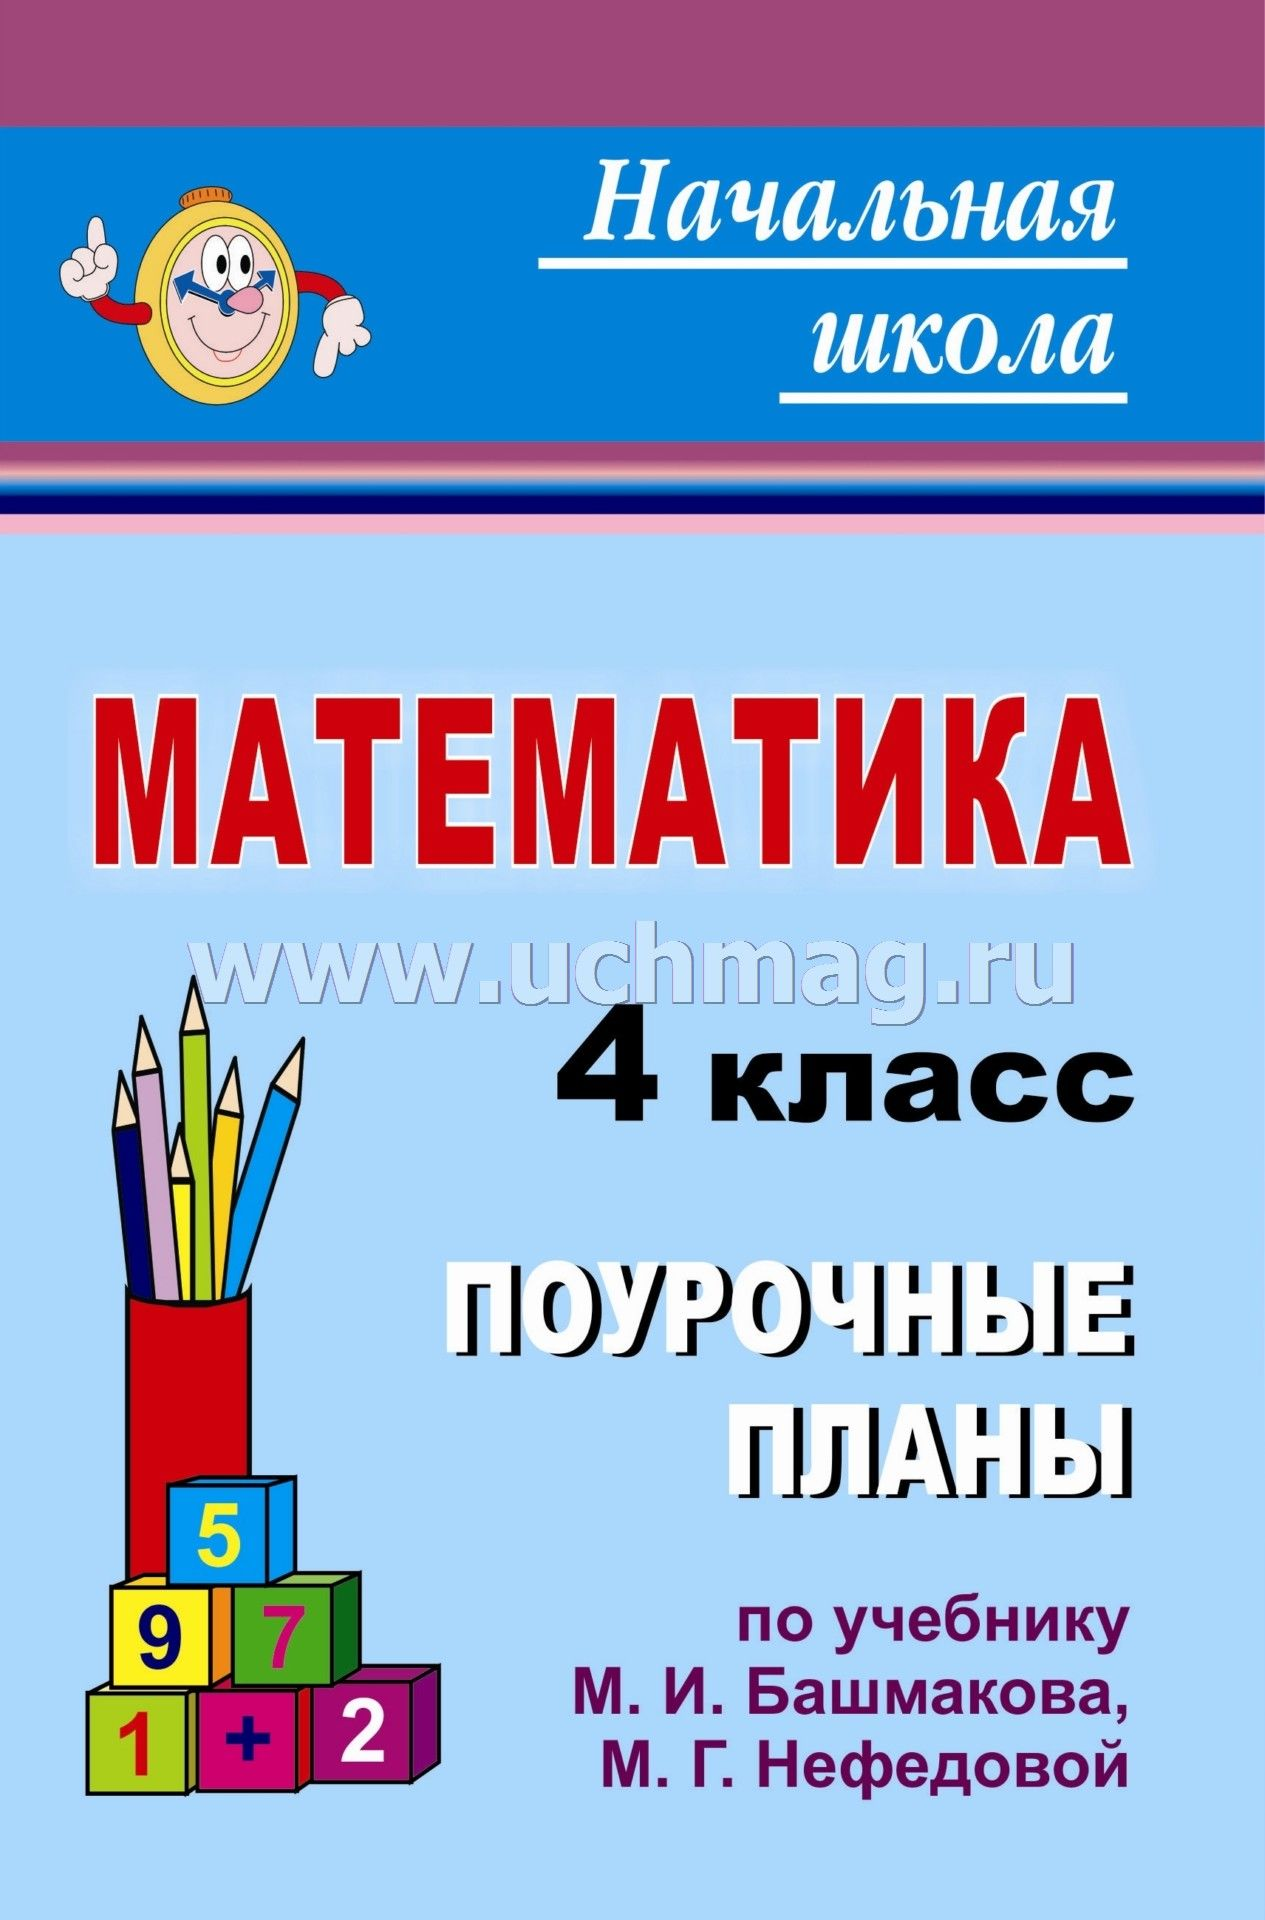 гдз по математике 4 класс башмаков нефедова 1 часть онлайн бесплатно